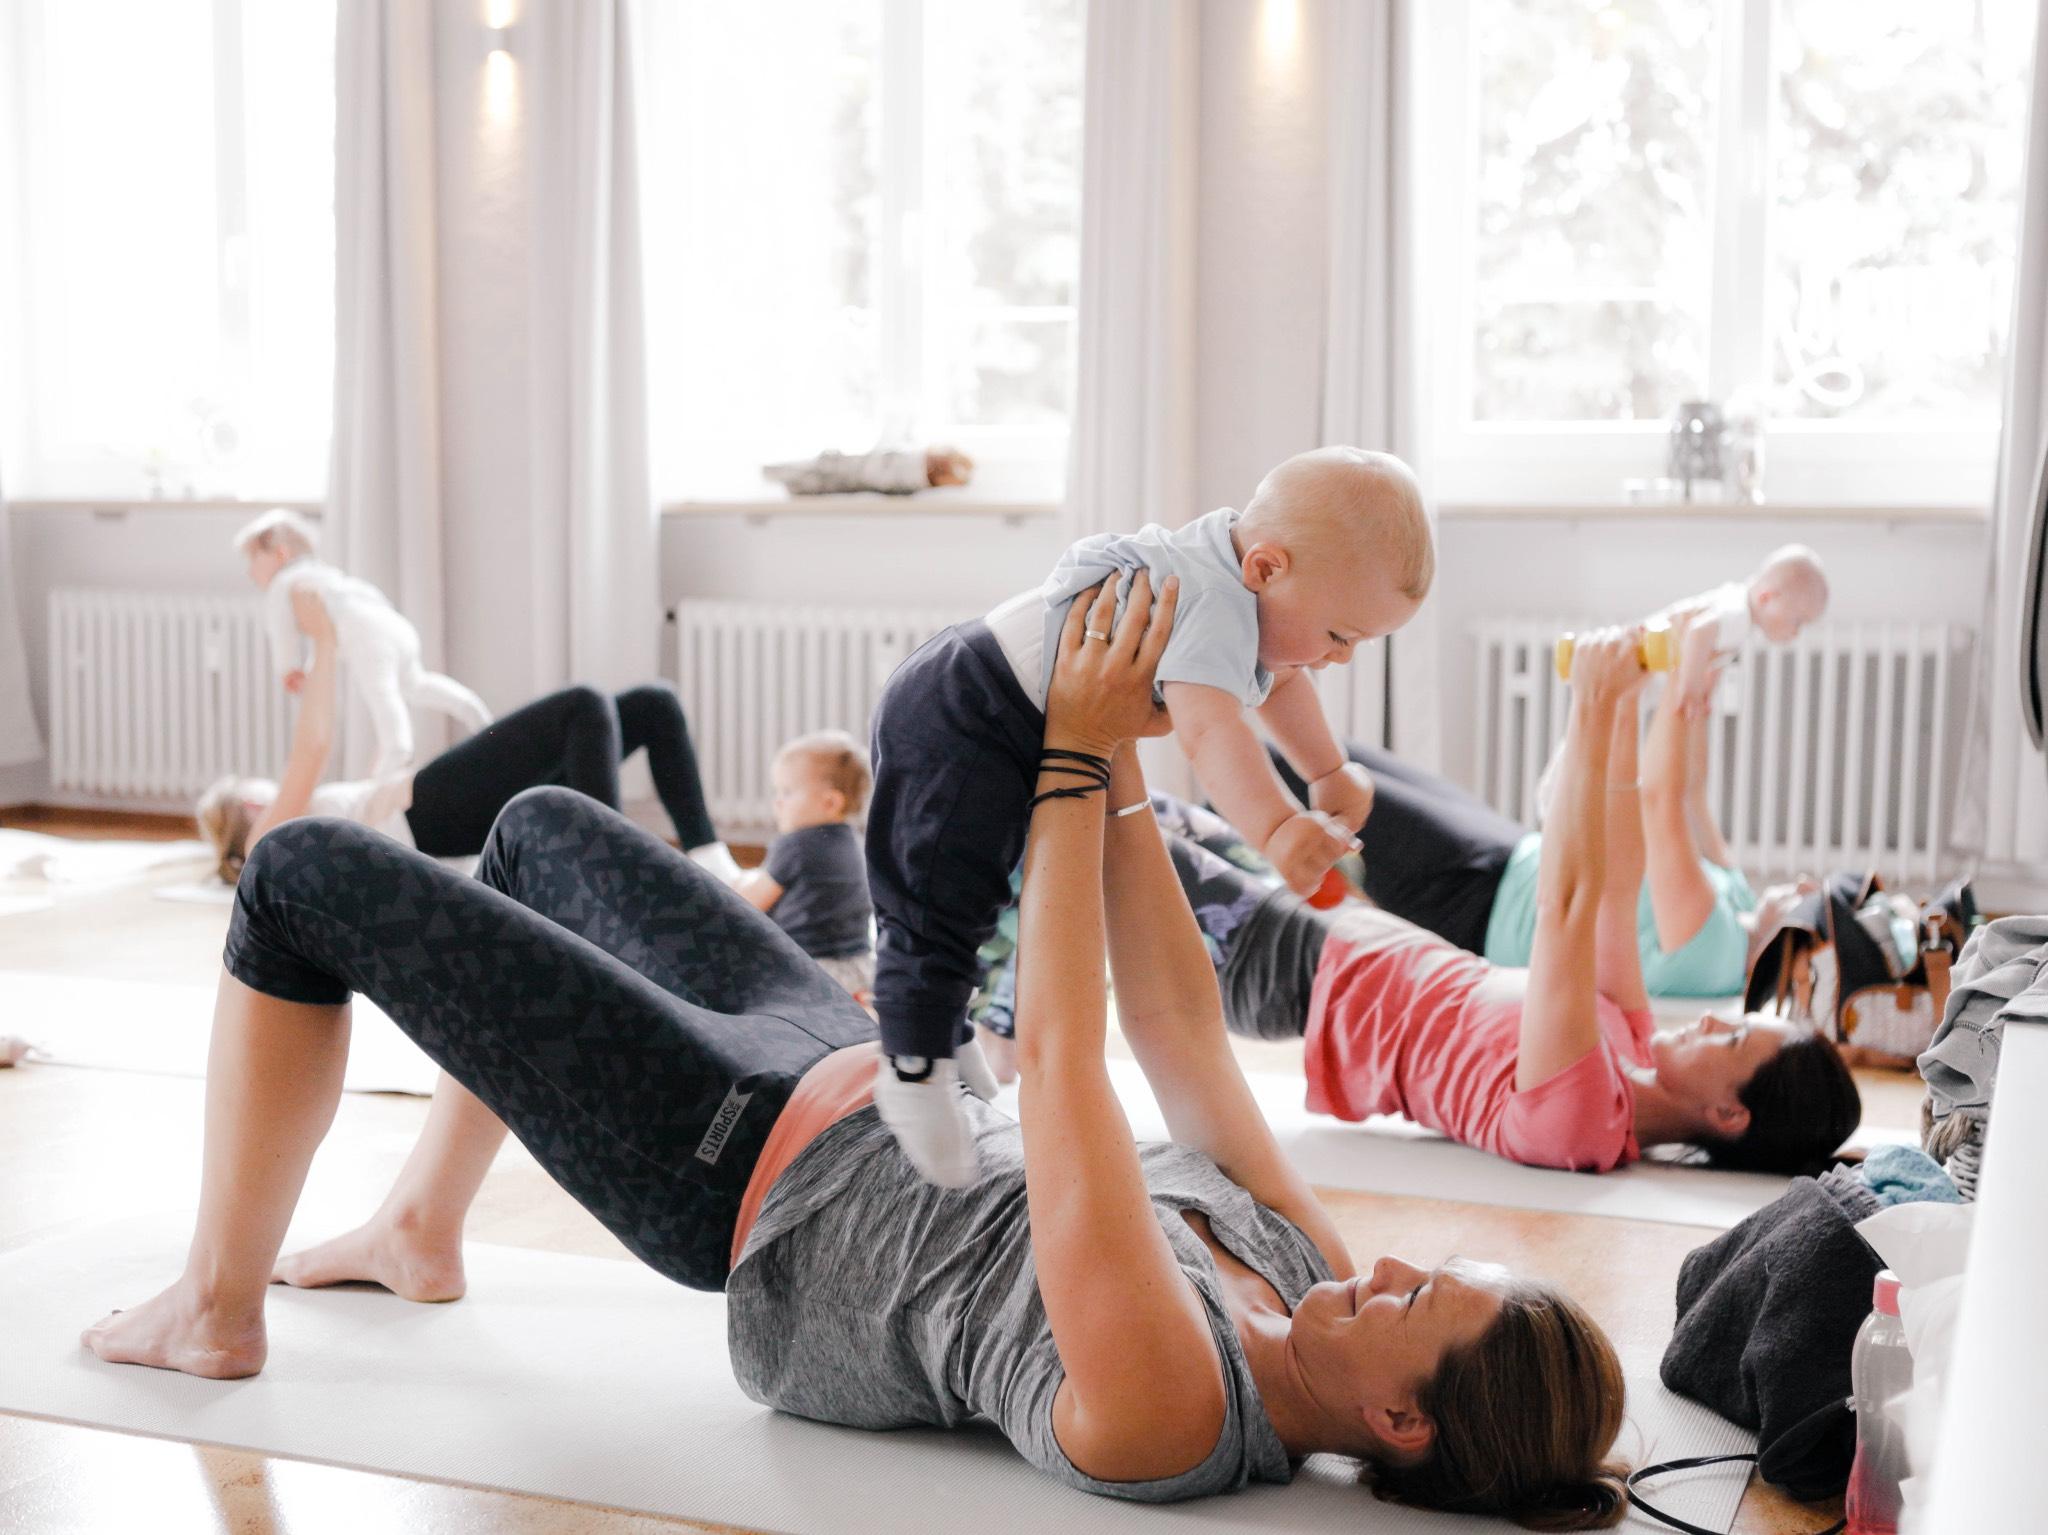 Kurse für glückliche Mamas und Kindern. Foto: Tanja Dietz